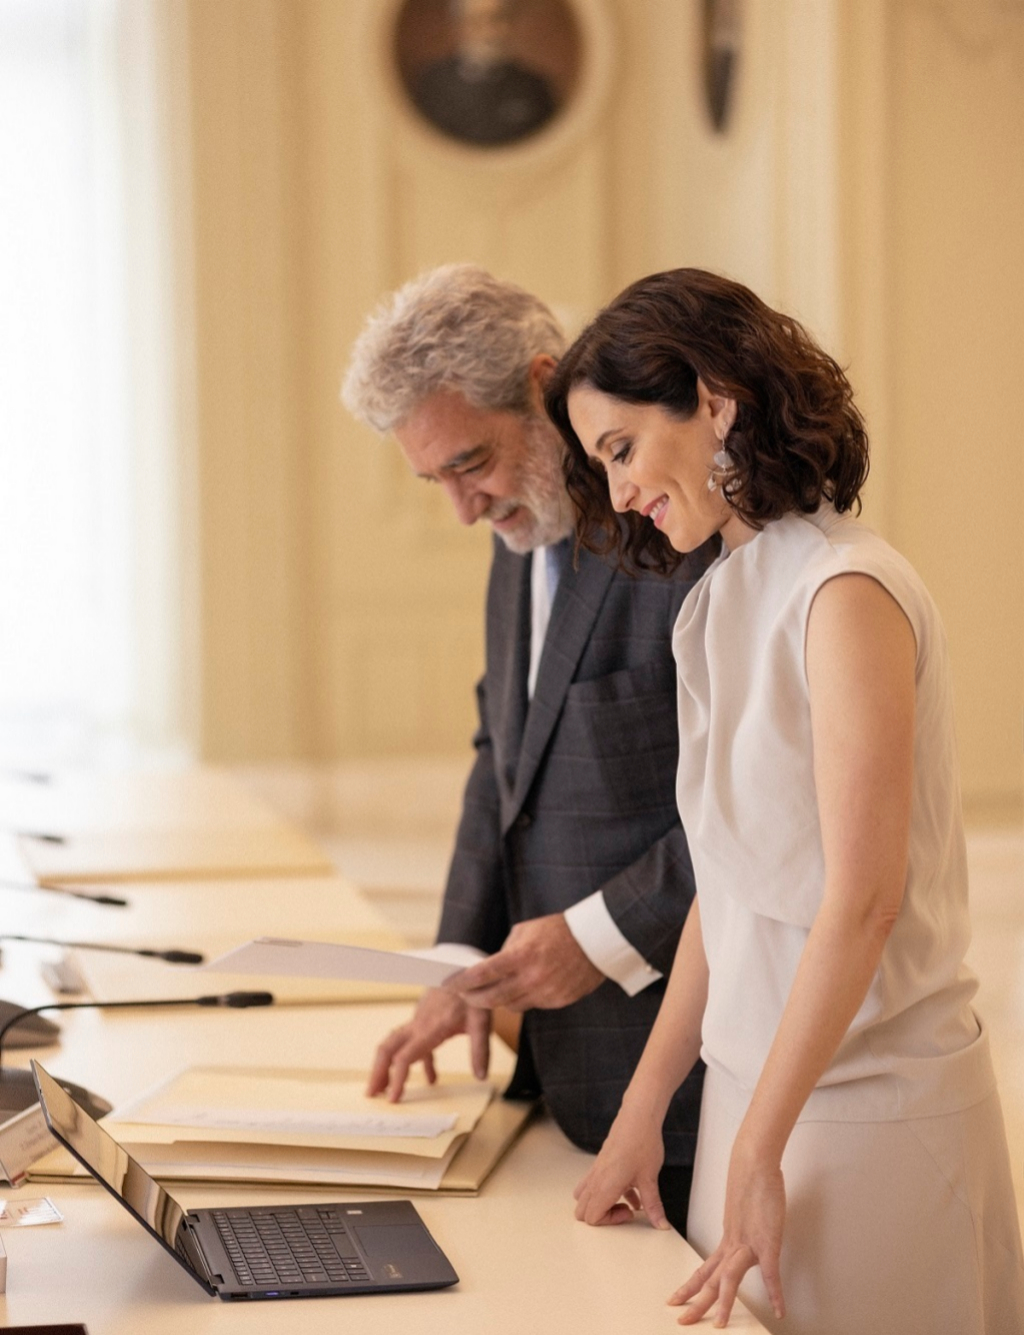 La presidenta despachando con su jefe de Gabinete Miguel Ángel Rodríguez (M.A.R). Ella lleva top de seda gris con falda a juego, Maksu y pendientes, Aristocrazy.